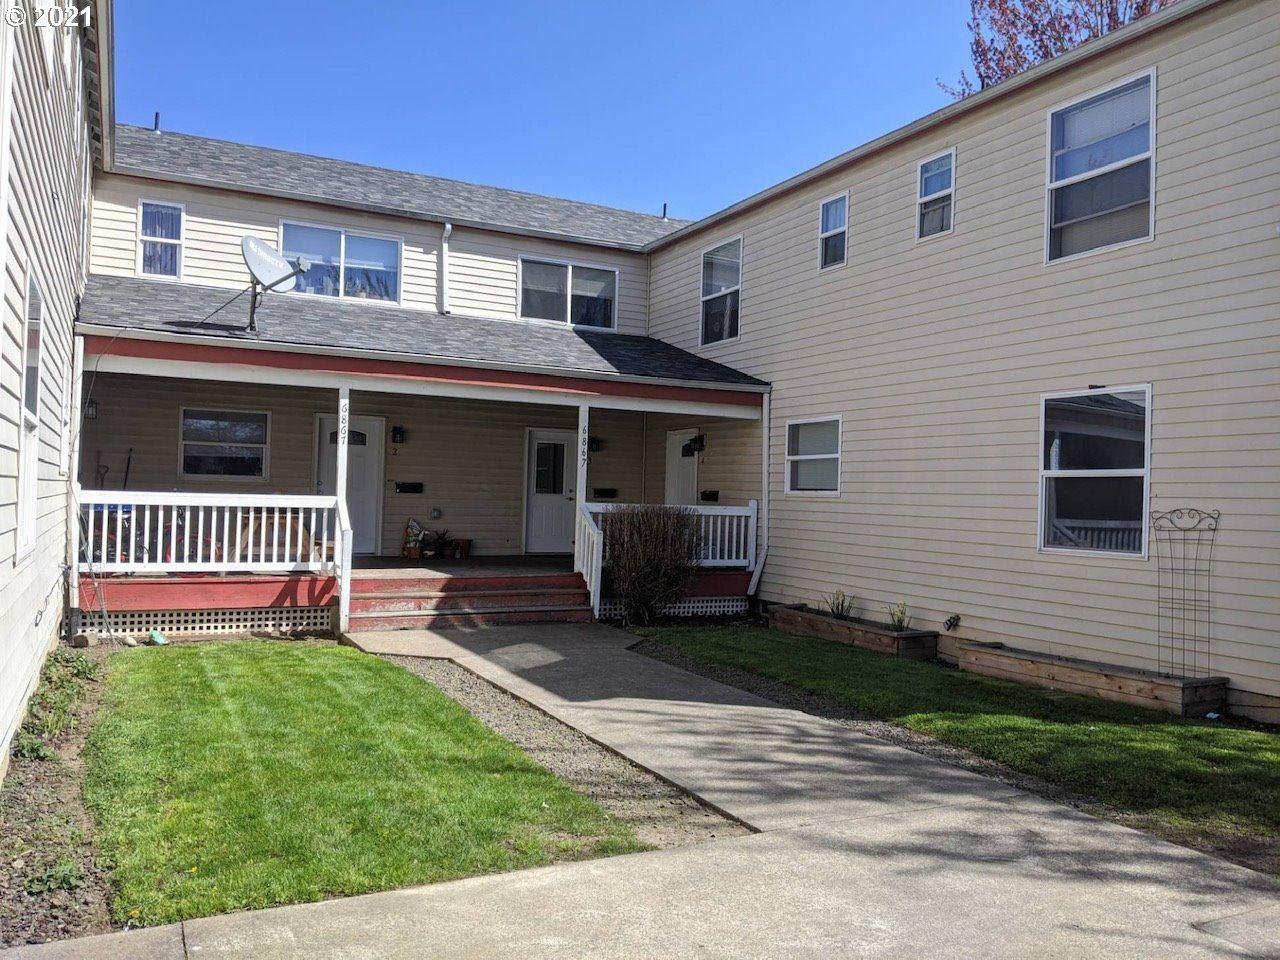 6867 N FESSENDEN ST, Portland, OR 97203 - MLS#: 21414577